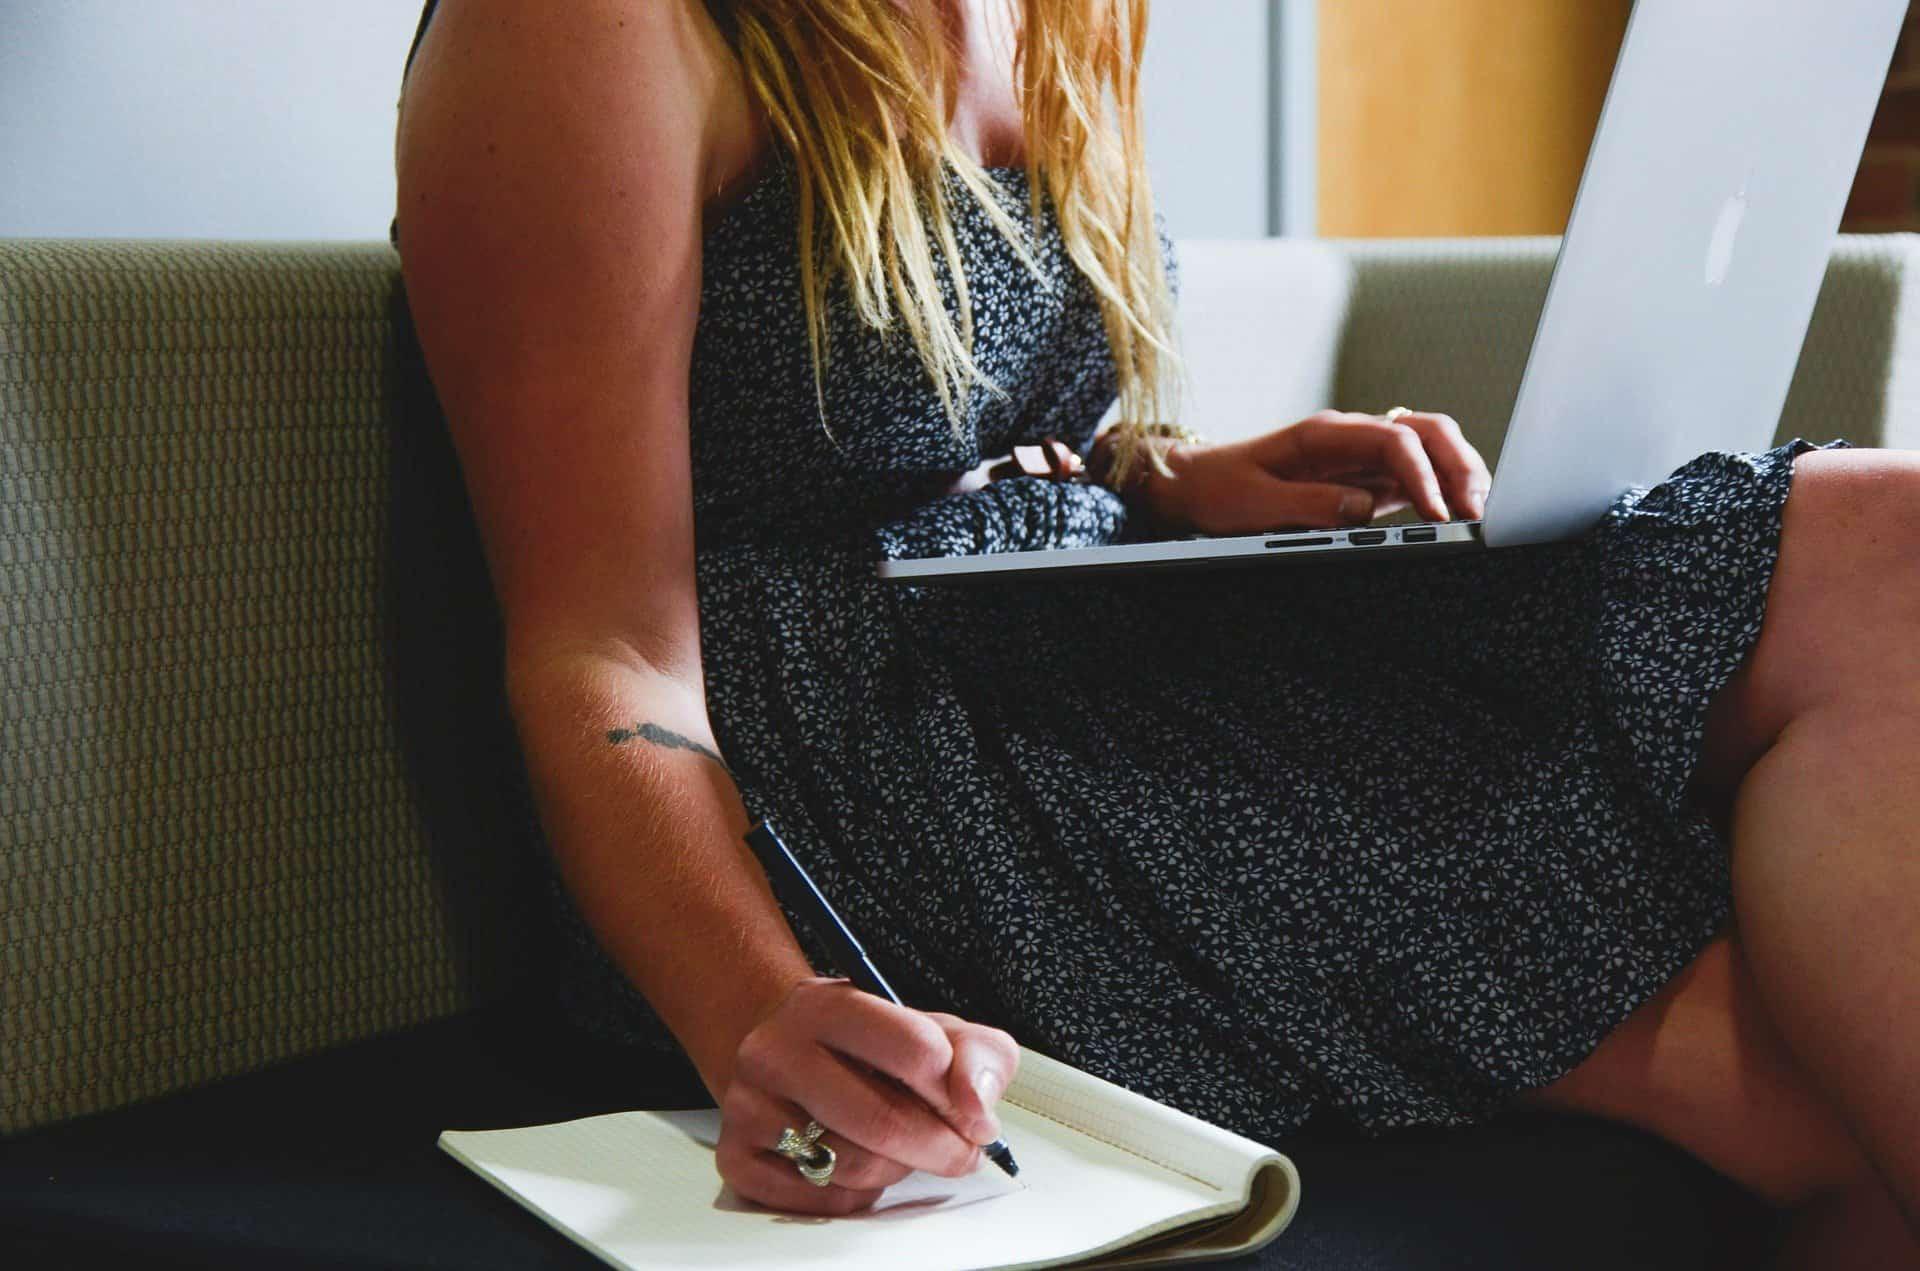 cursos-online-curso-digital-autoestima-empoderamiento-autosanacion-sanacion-mentalidad-terapia-mujer-espiritualidad-abundancia